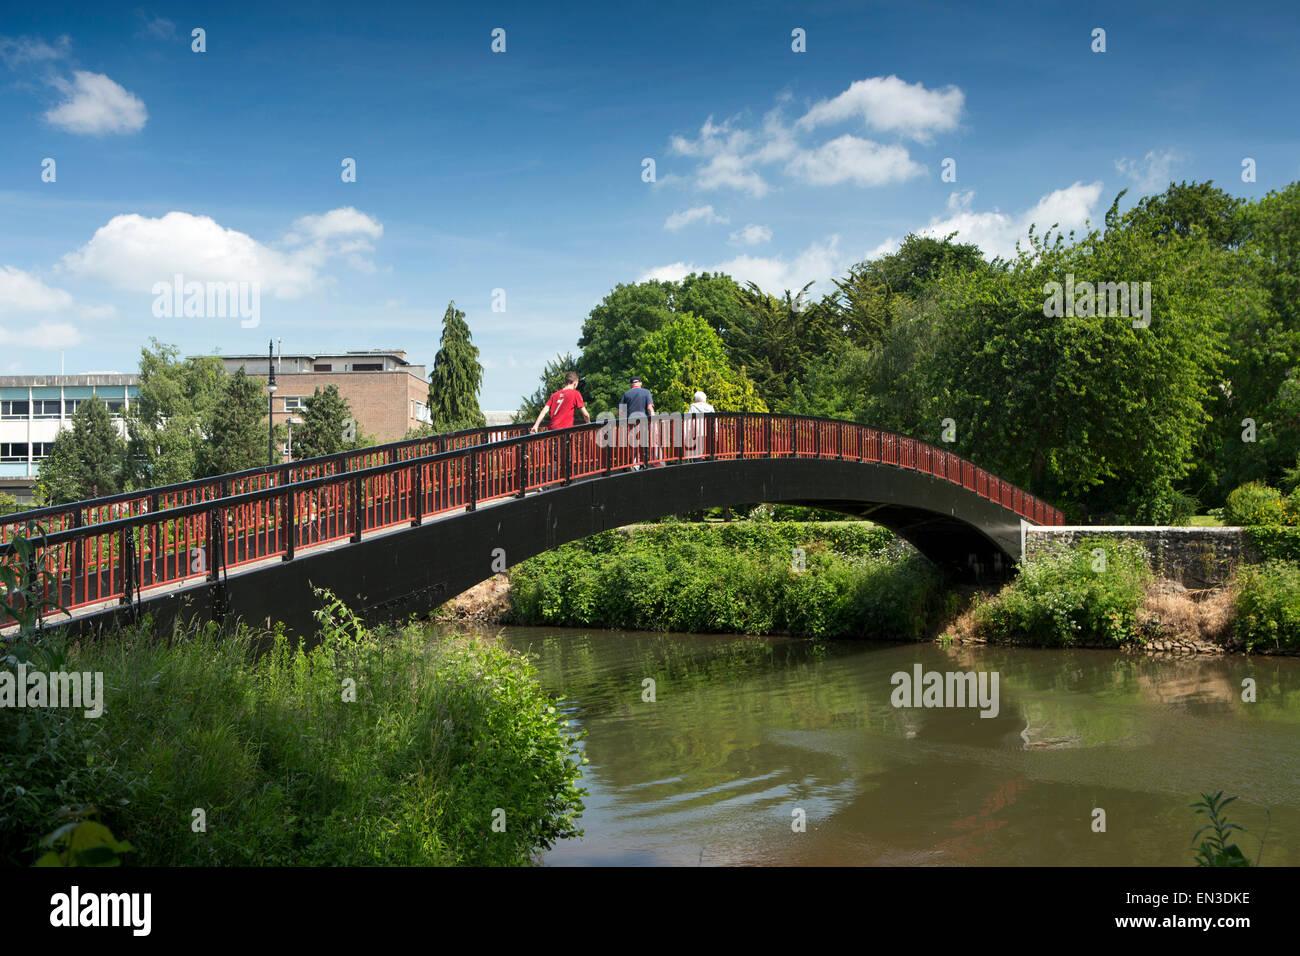 Regno Unito, Inghilterra, Somerset, Taunton, passerella sul fiume tono ai Giardini Goodland Immagini Stock